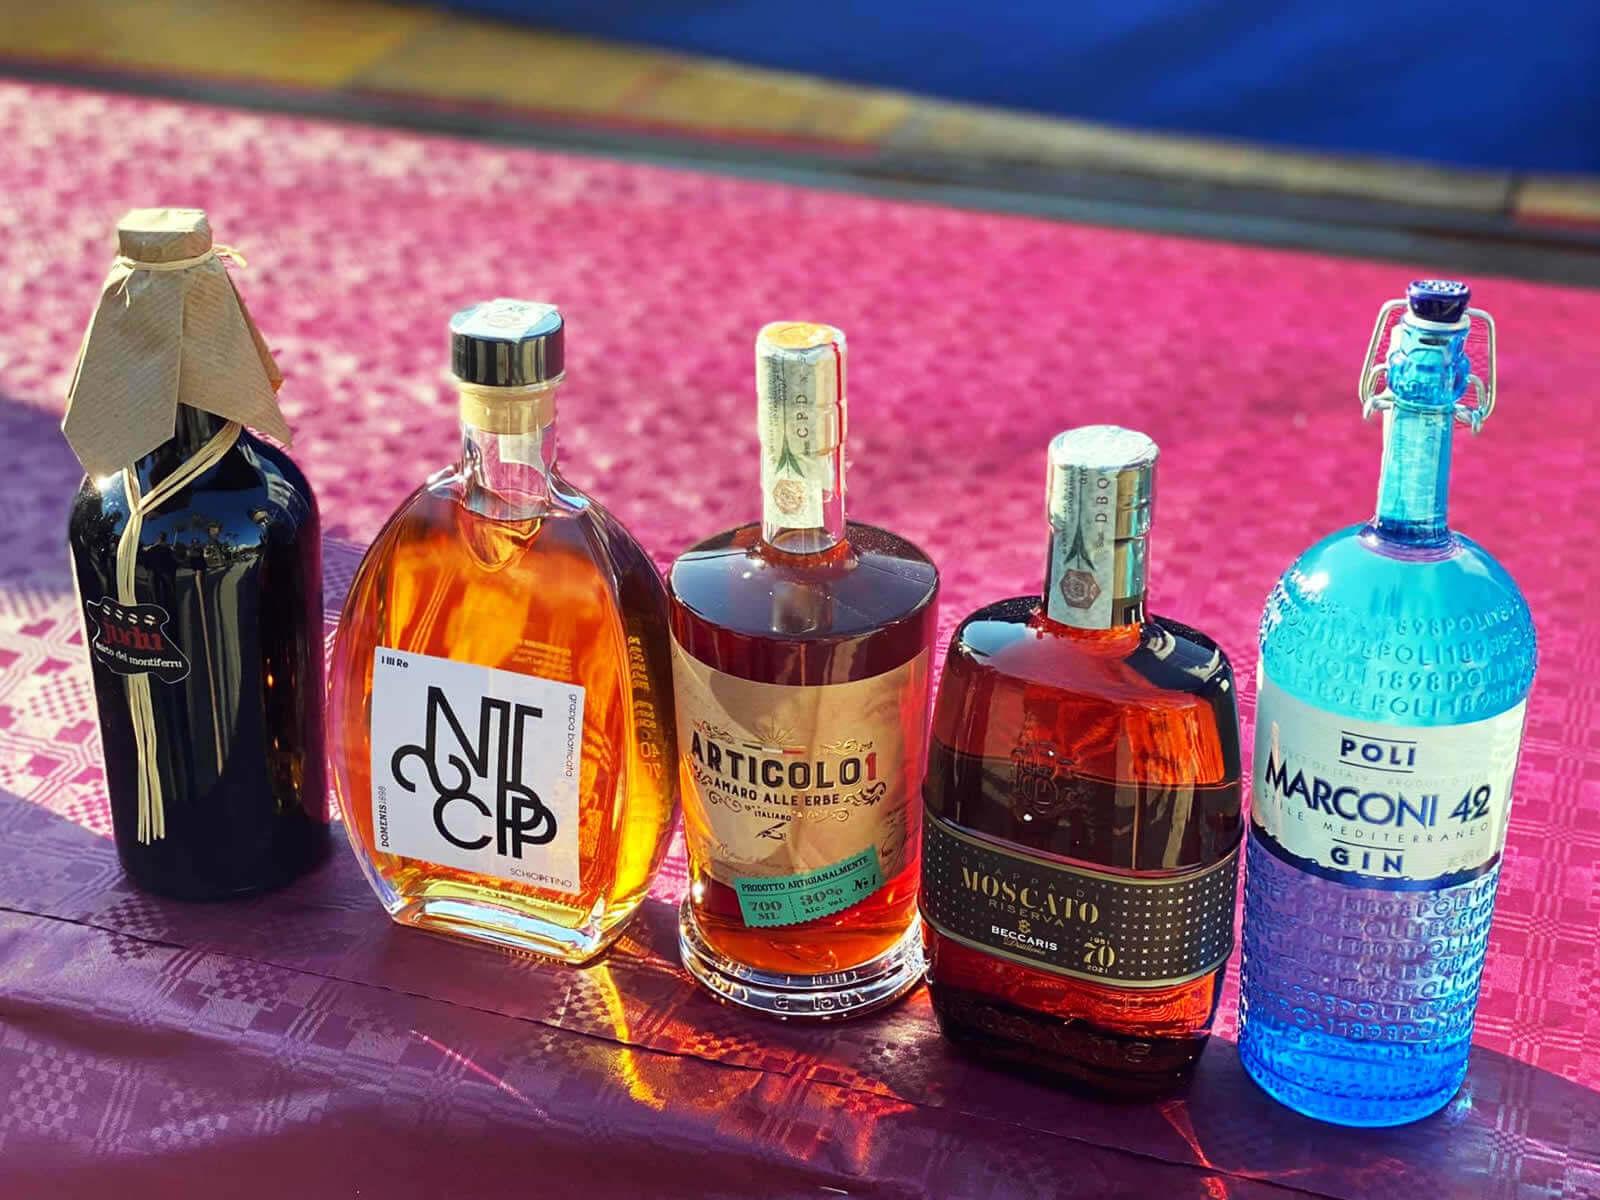 Studio La Regina - liquori e distillati vincitori del Premio Mediterraneo Packaging 2021